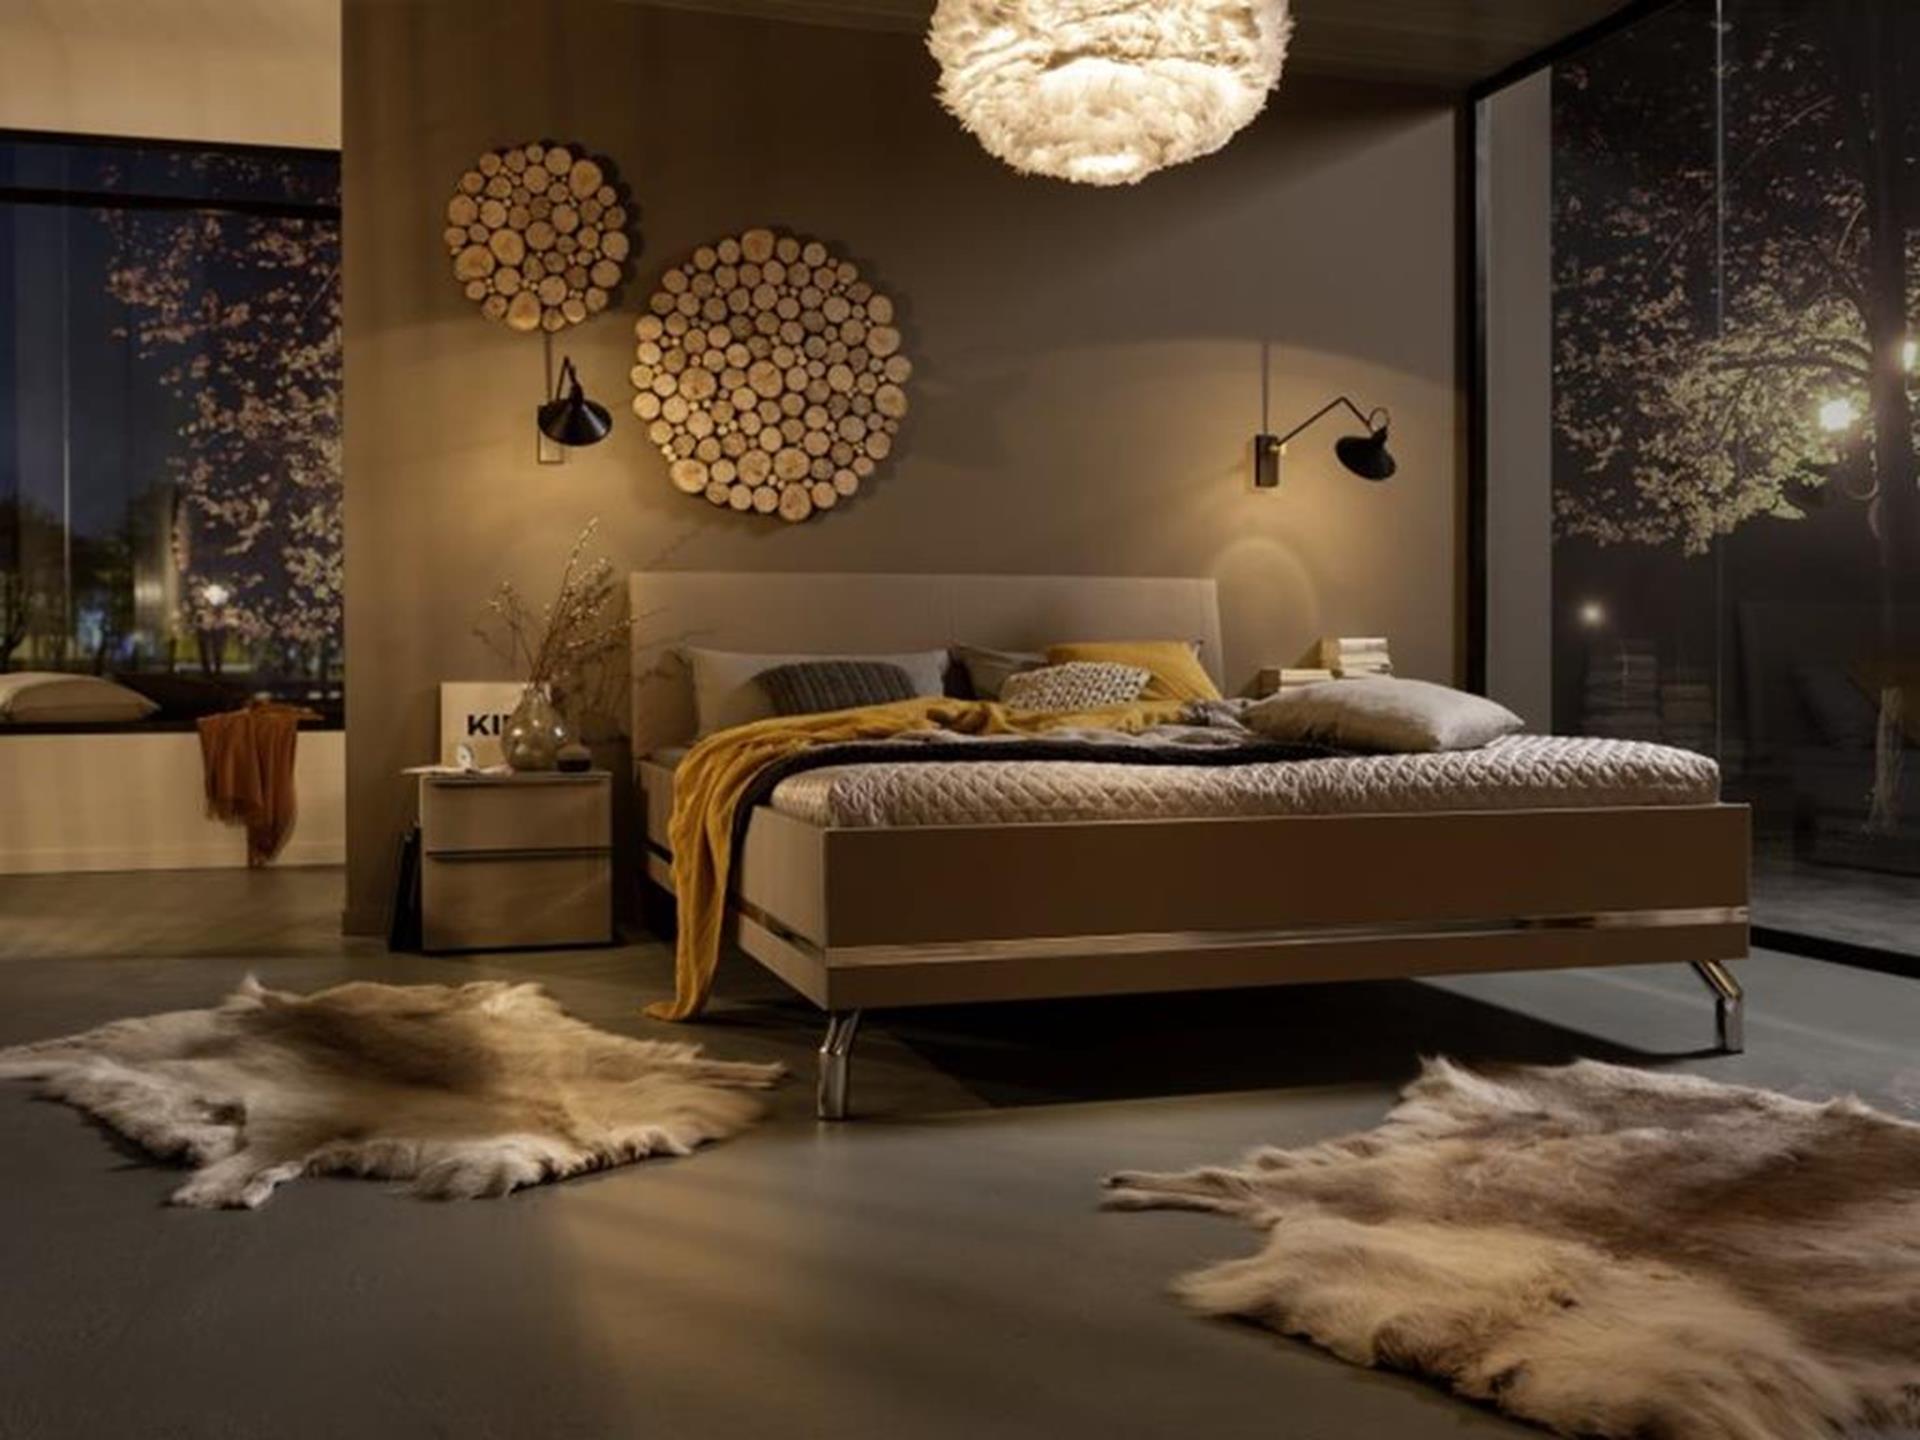 ekskluzywne łóżko w nastrojowych wnętrzach